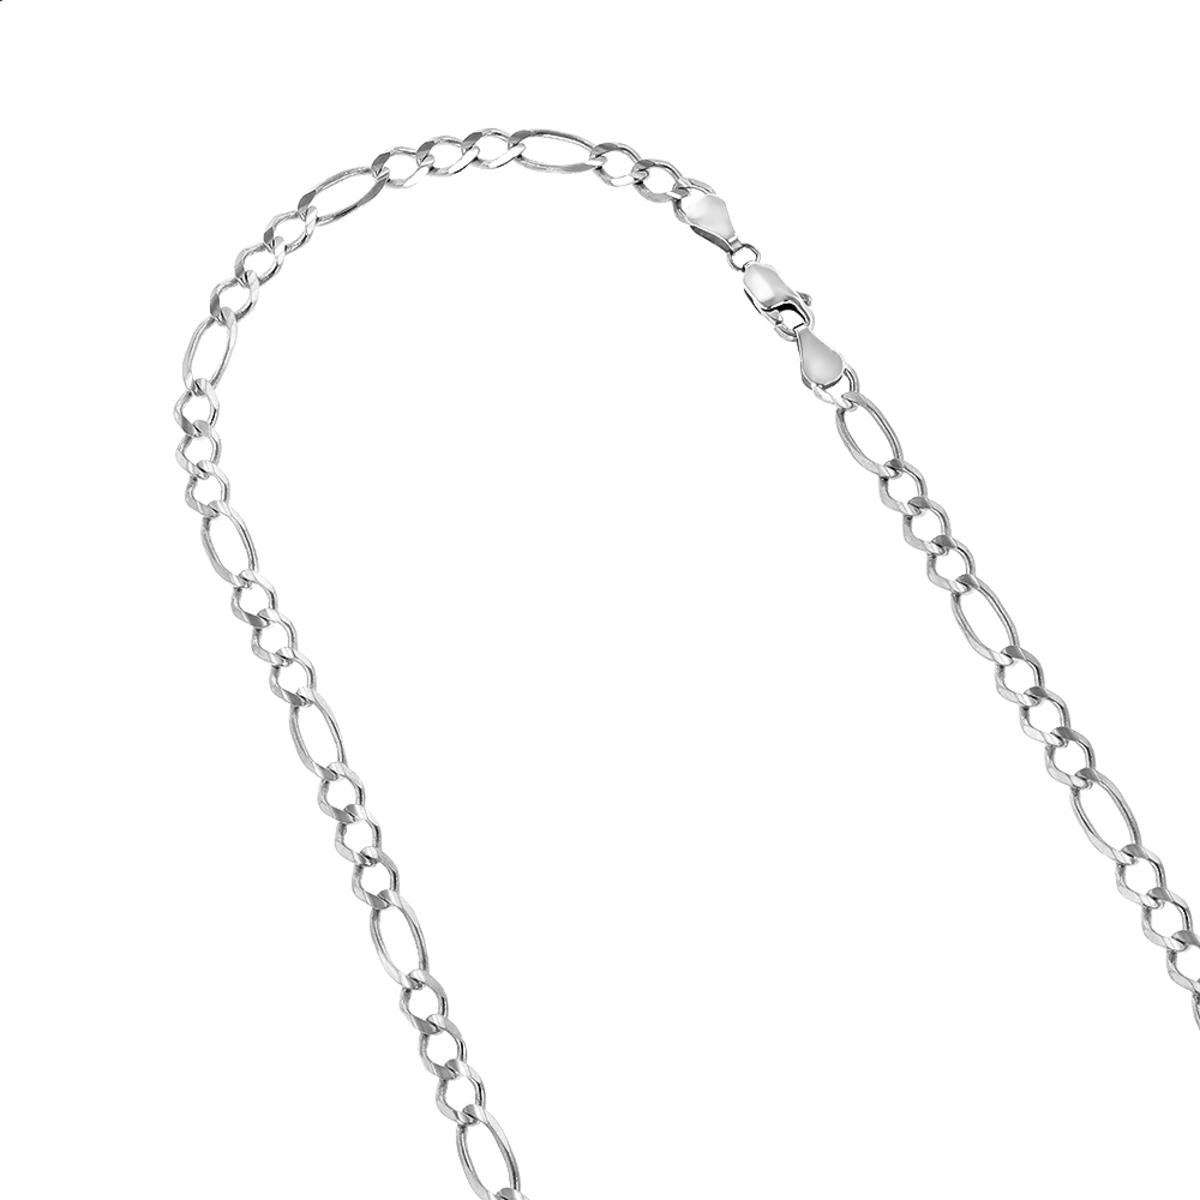 LUXURMAN Solid 14k Gold Figaro Chain For Men & Women 6mm Wide